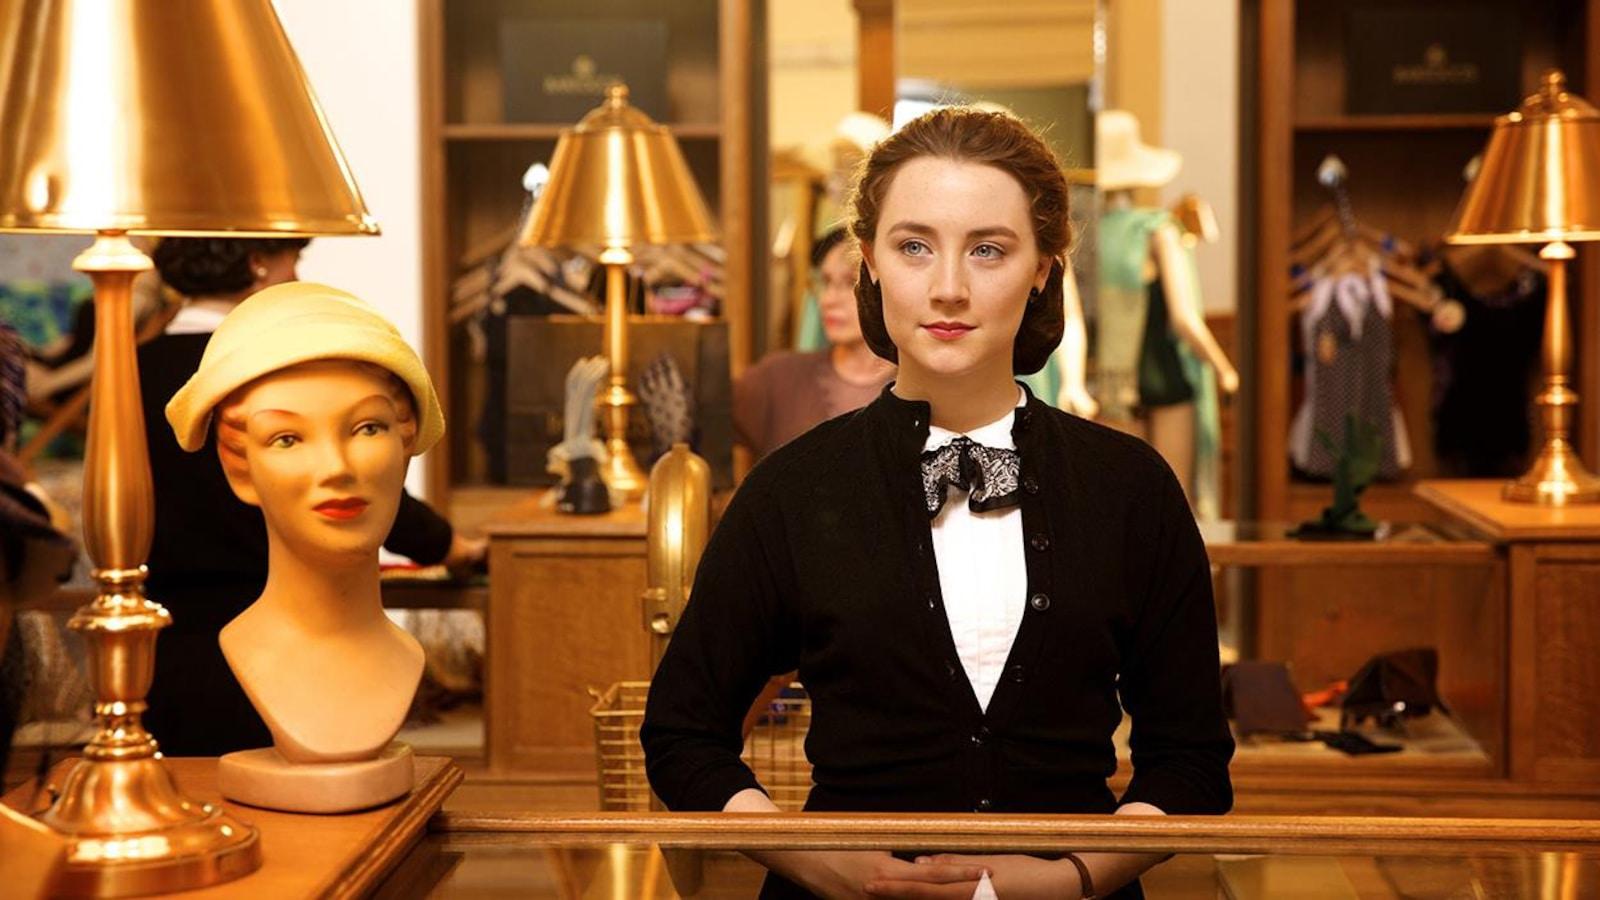 Une jeune femme en tenue sombre, les mains croisées, derrière un comptoir de vente d'un grand magasin